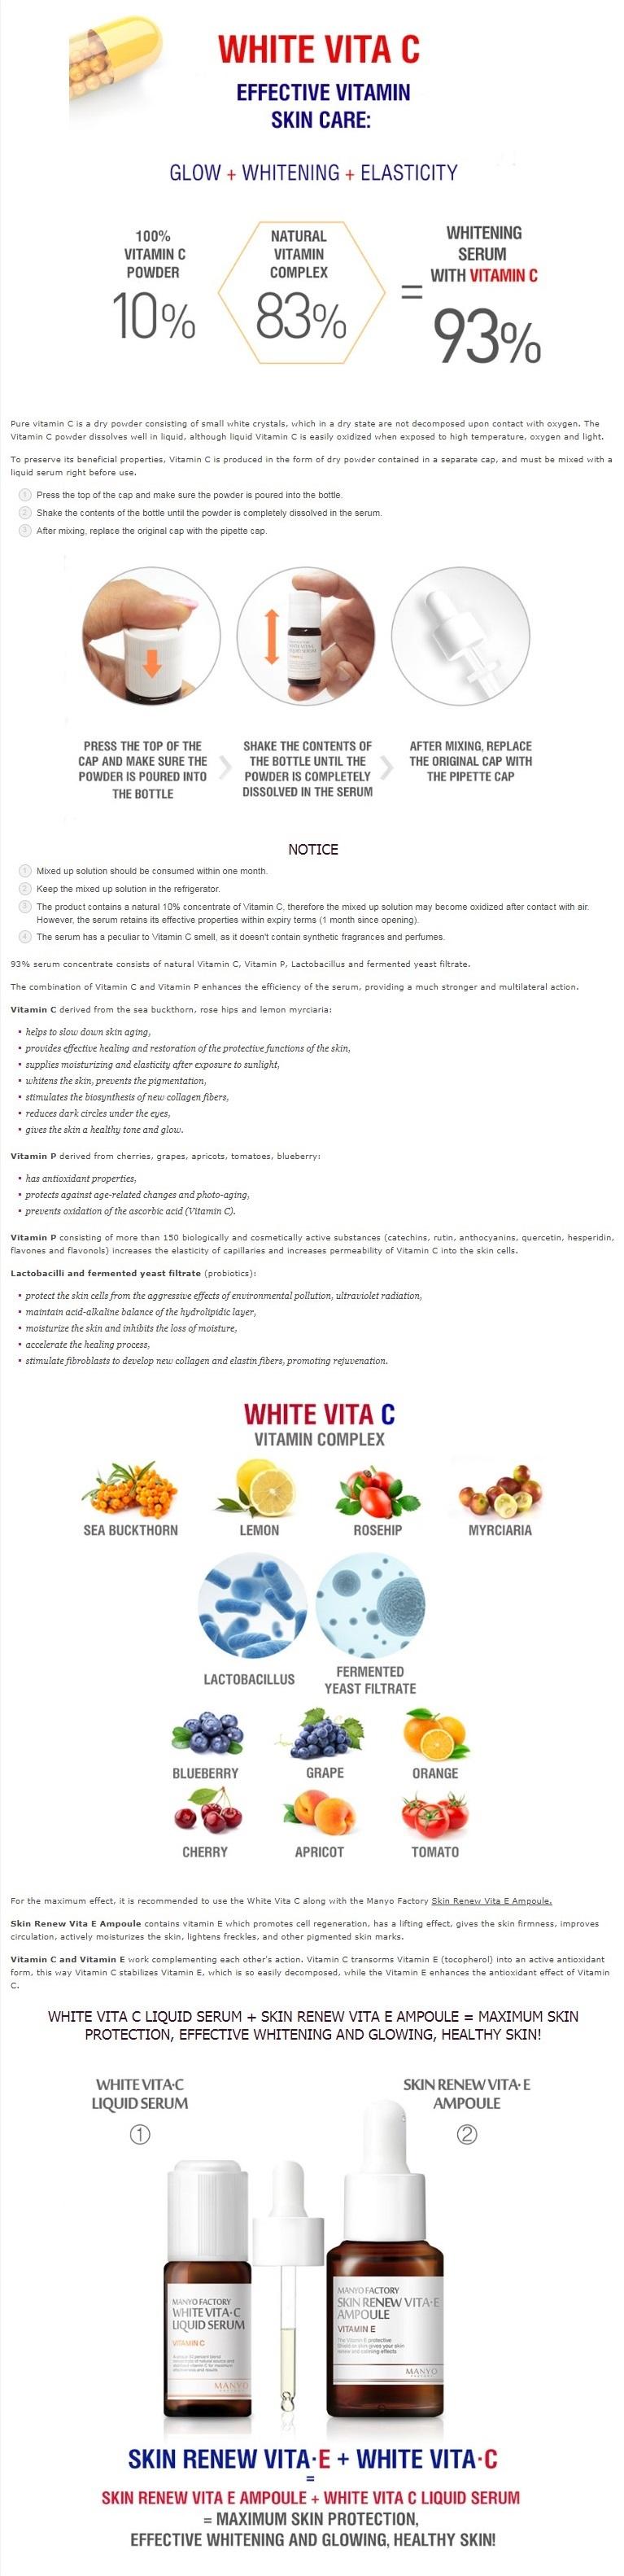 Manyo Factory White Vita C Liquid Serum 10ml malaysia singapore brunei